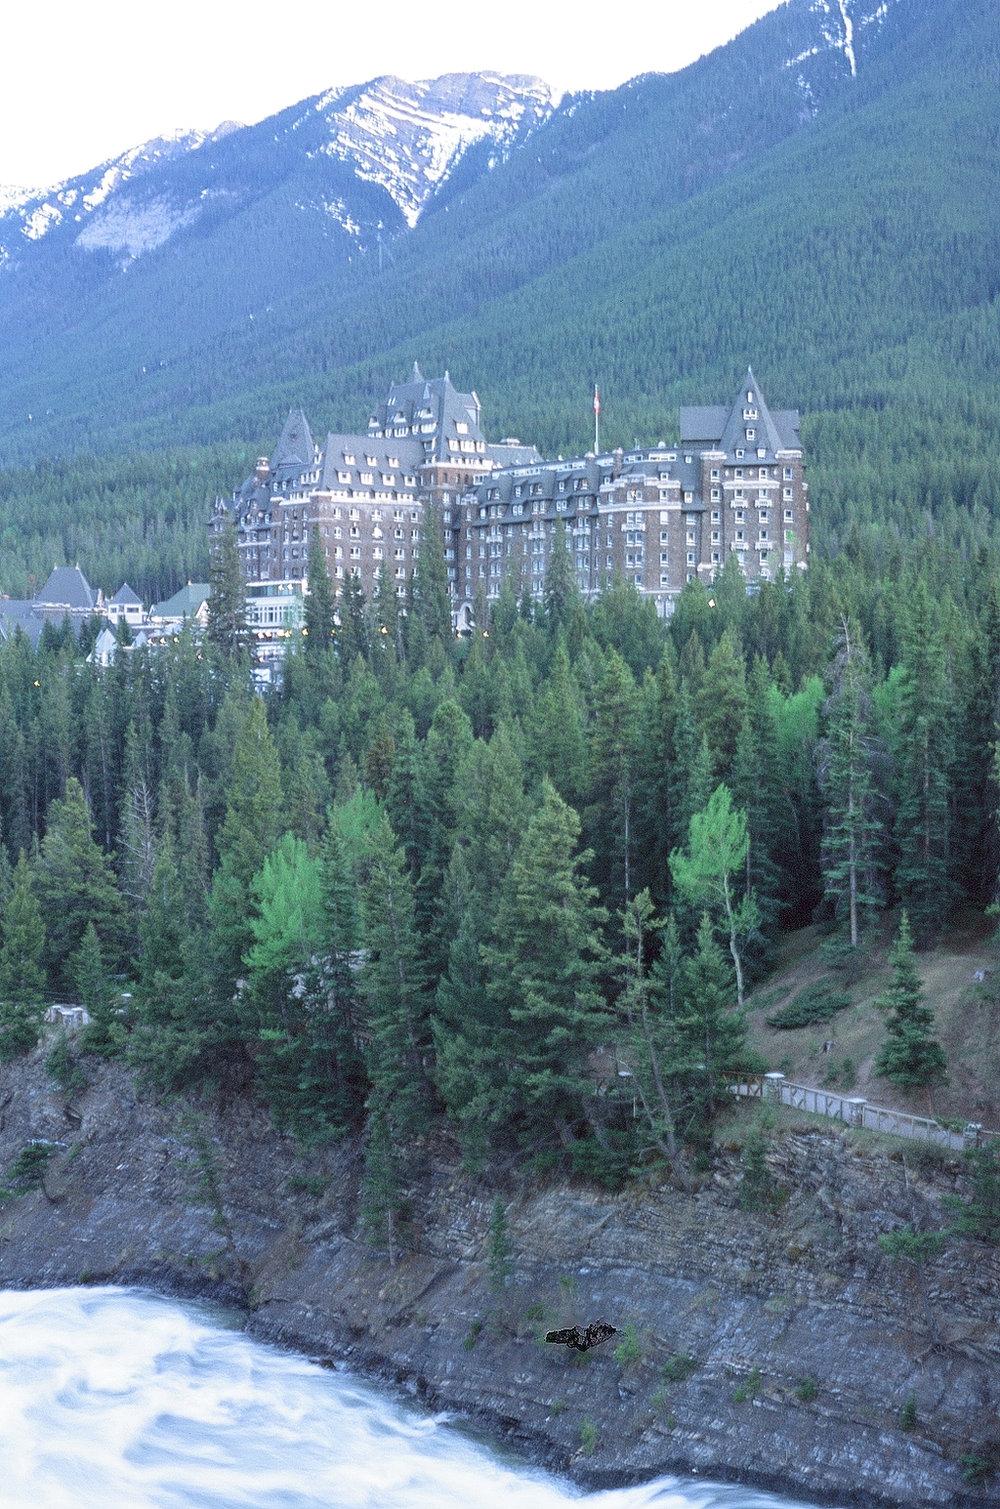 Surprise Corner, Fairmont Banff Springs Hotel - Banff, CA    Provia 100F - Olympus OM10